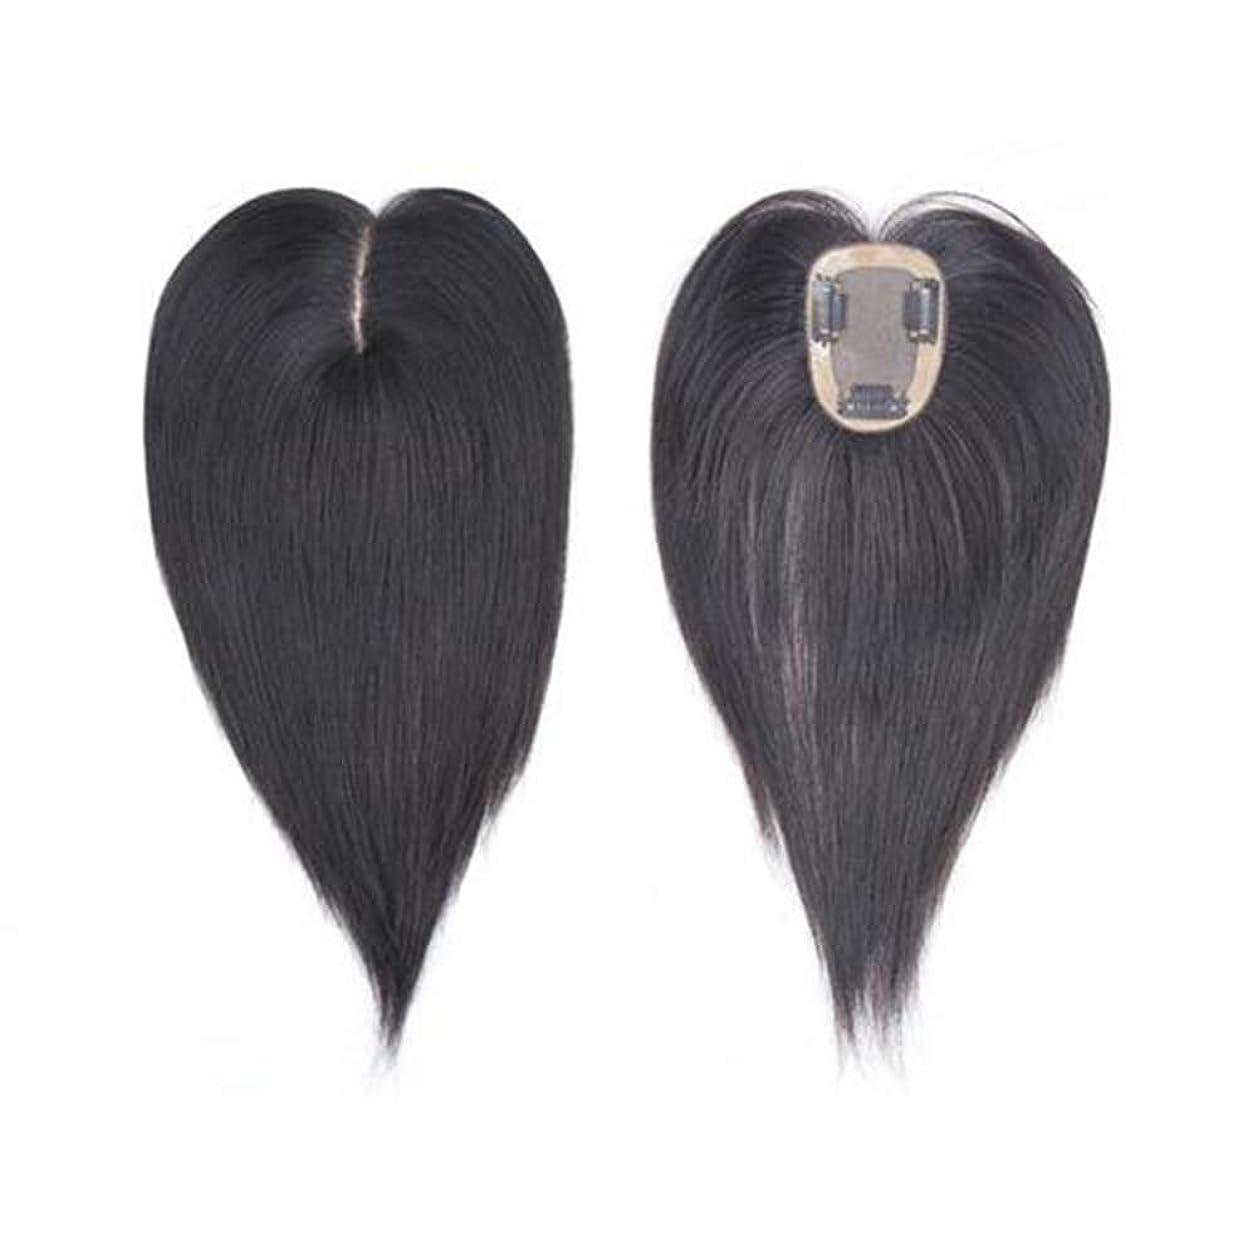 スキル健全苦悩Yrattary ダークブラウンロングストレートヘア手織りリアルヘアウィッグ女性のための人工毛レースかつらロールプレイングウィッグロングとショートの女性自然 (色 : Dark brown, サイズ : 35cm)